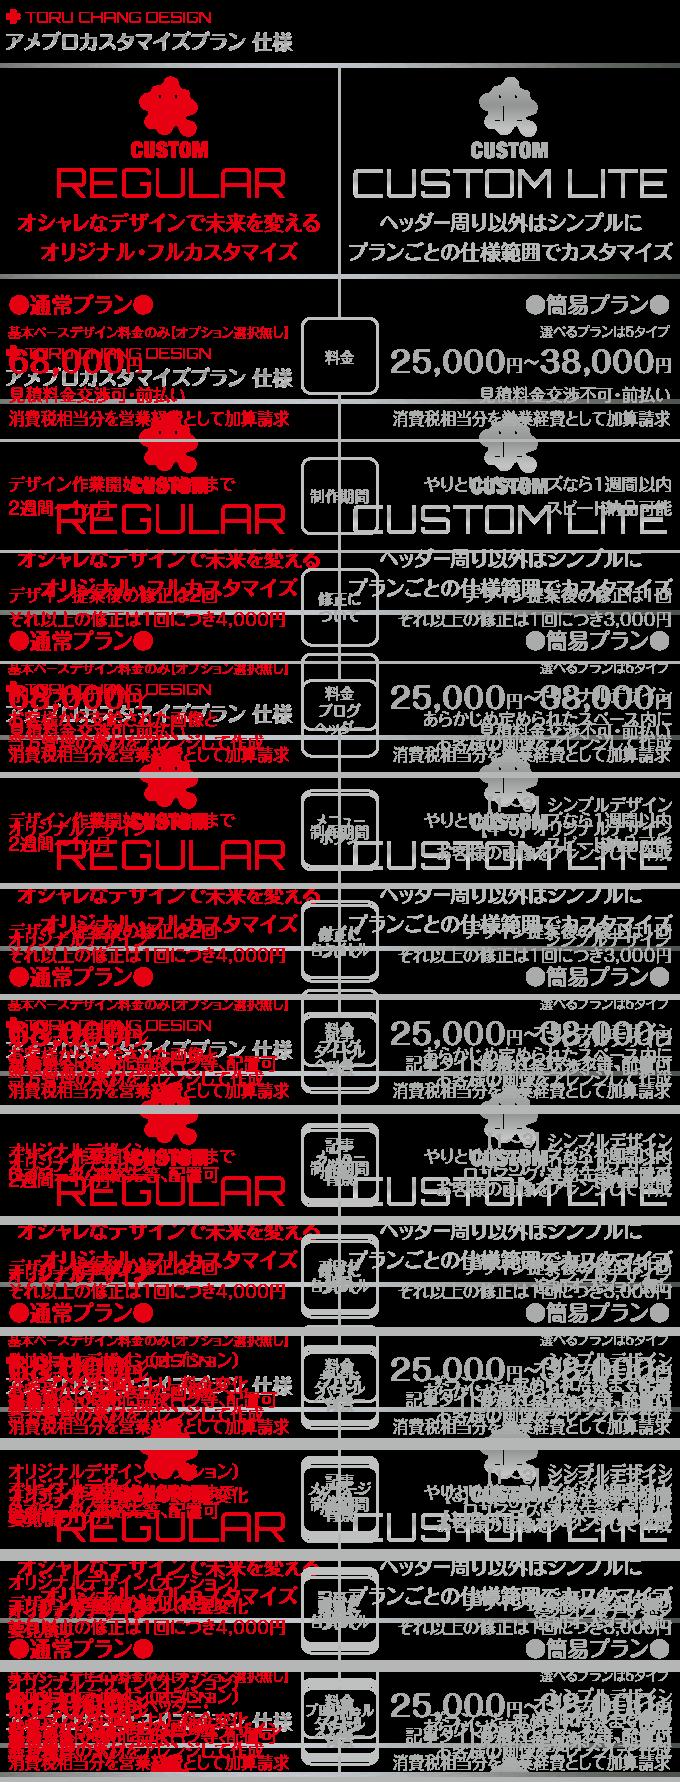 アメブロカスタマイズ_料金プラン,デザイン仕様,安い,ヘッダー,カスタム,Ameblo,Ameba,フルカスタマイズ,toru chang